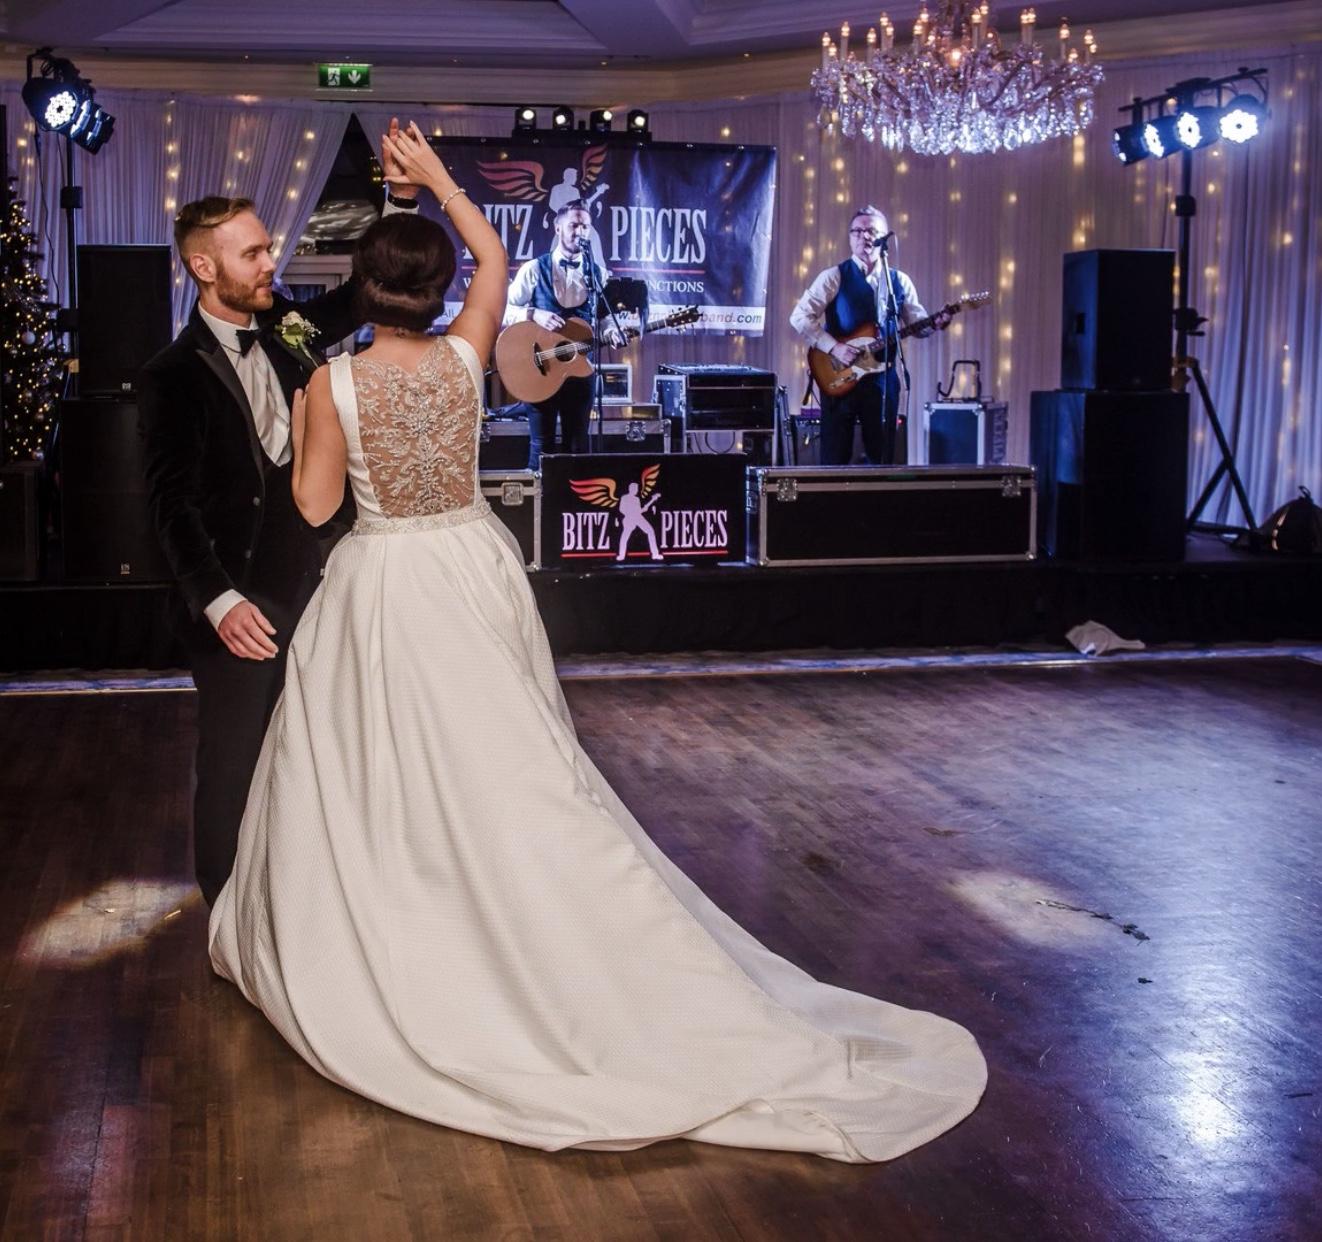 Wedding Bands Northern Ireland: Wedding Band Northern Ireland